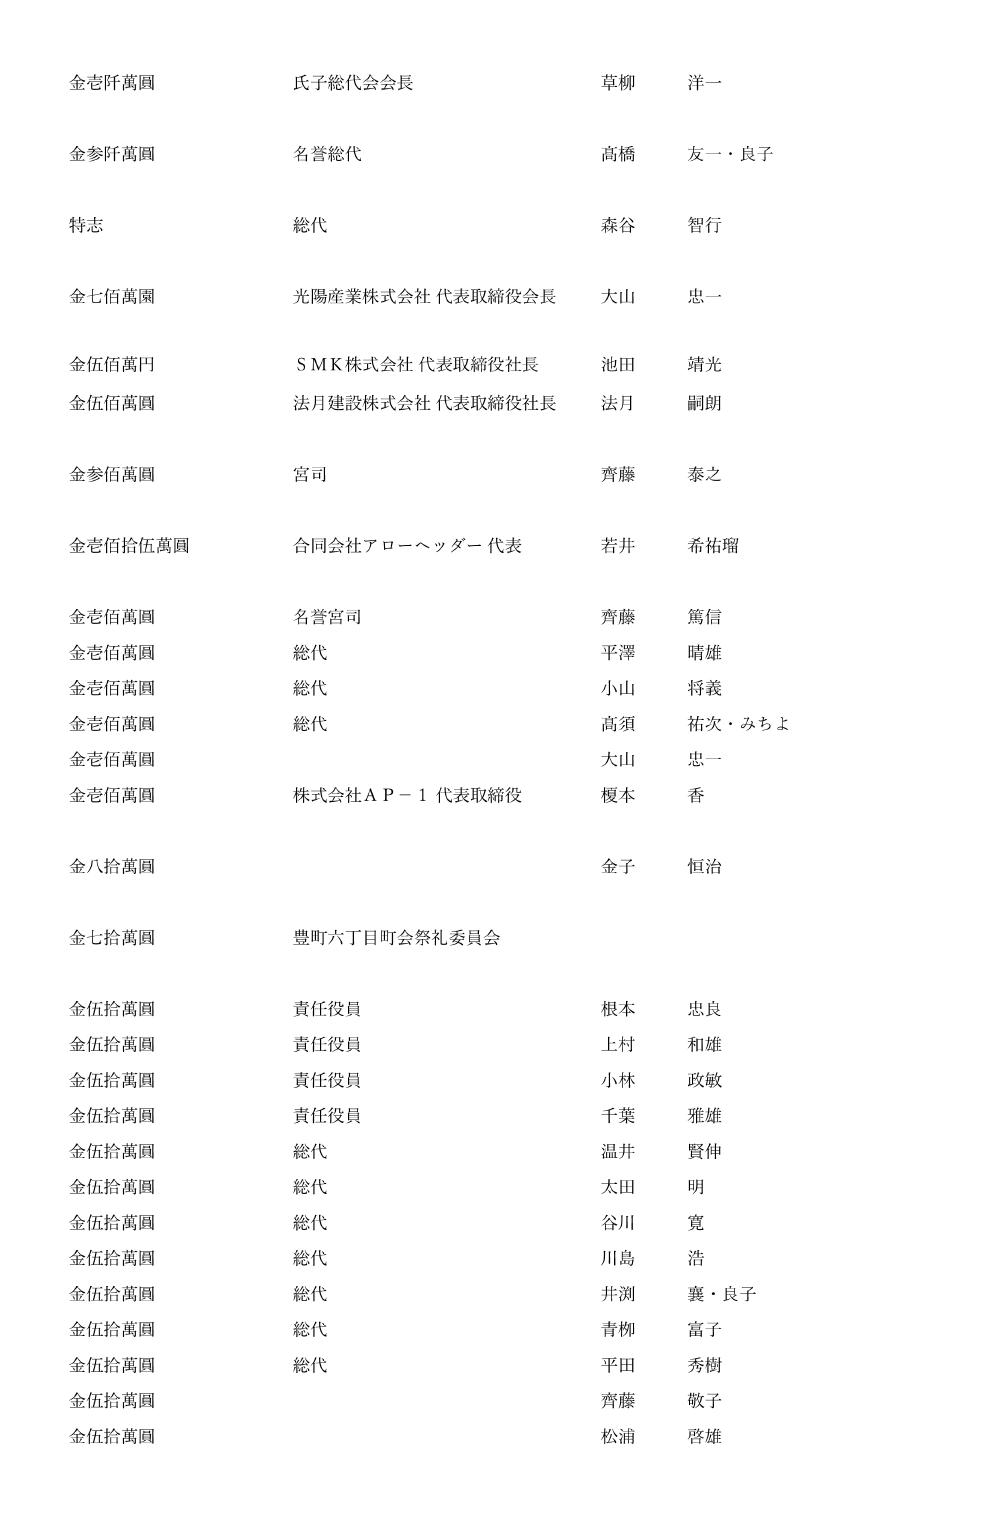 御鎮座七百年記念事業奉賛者御芳名簿1